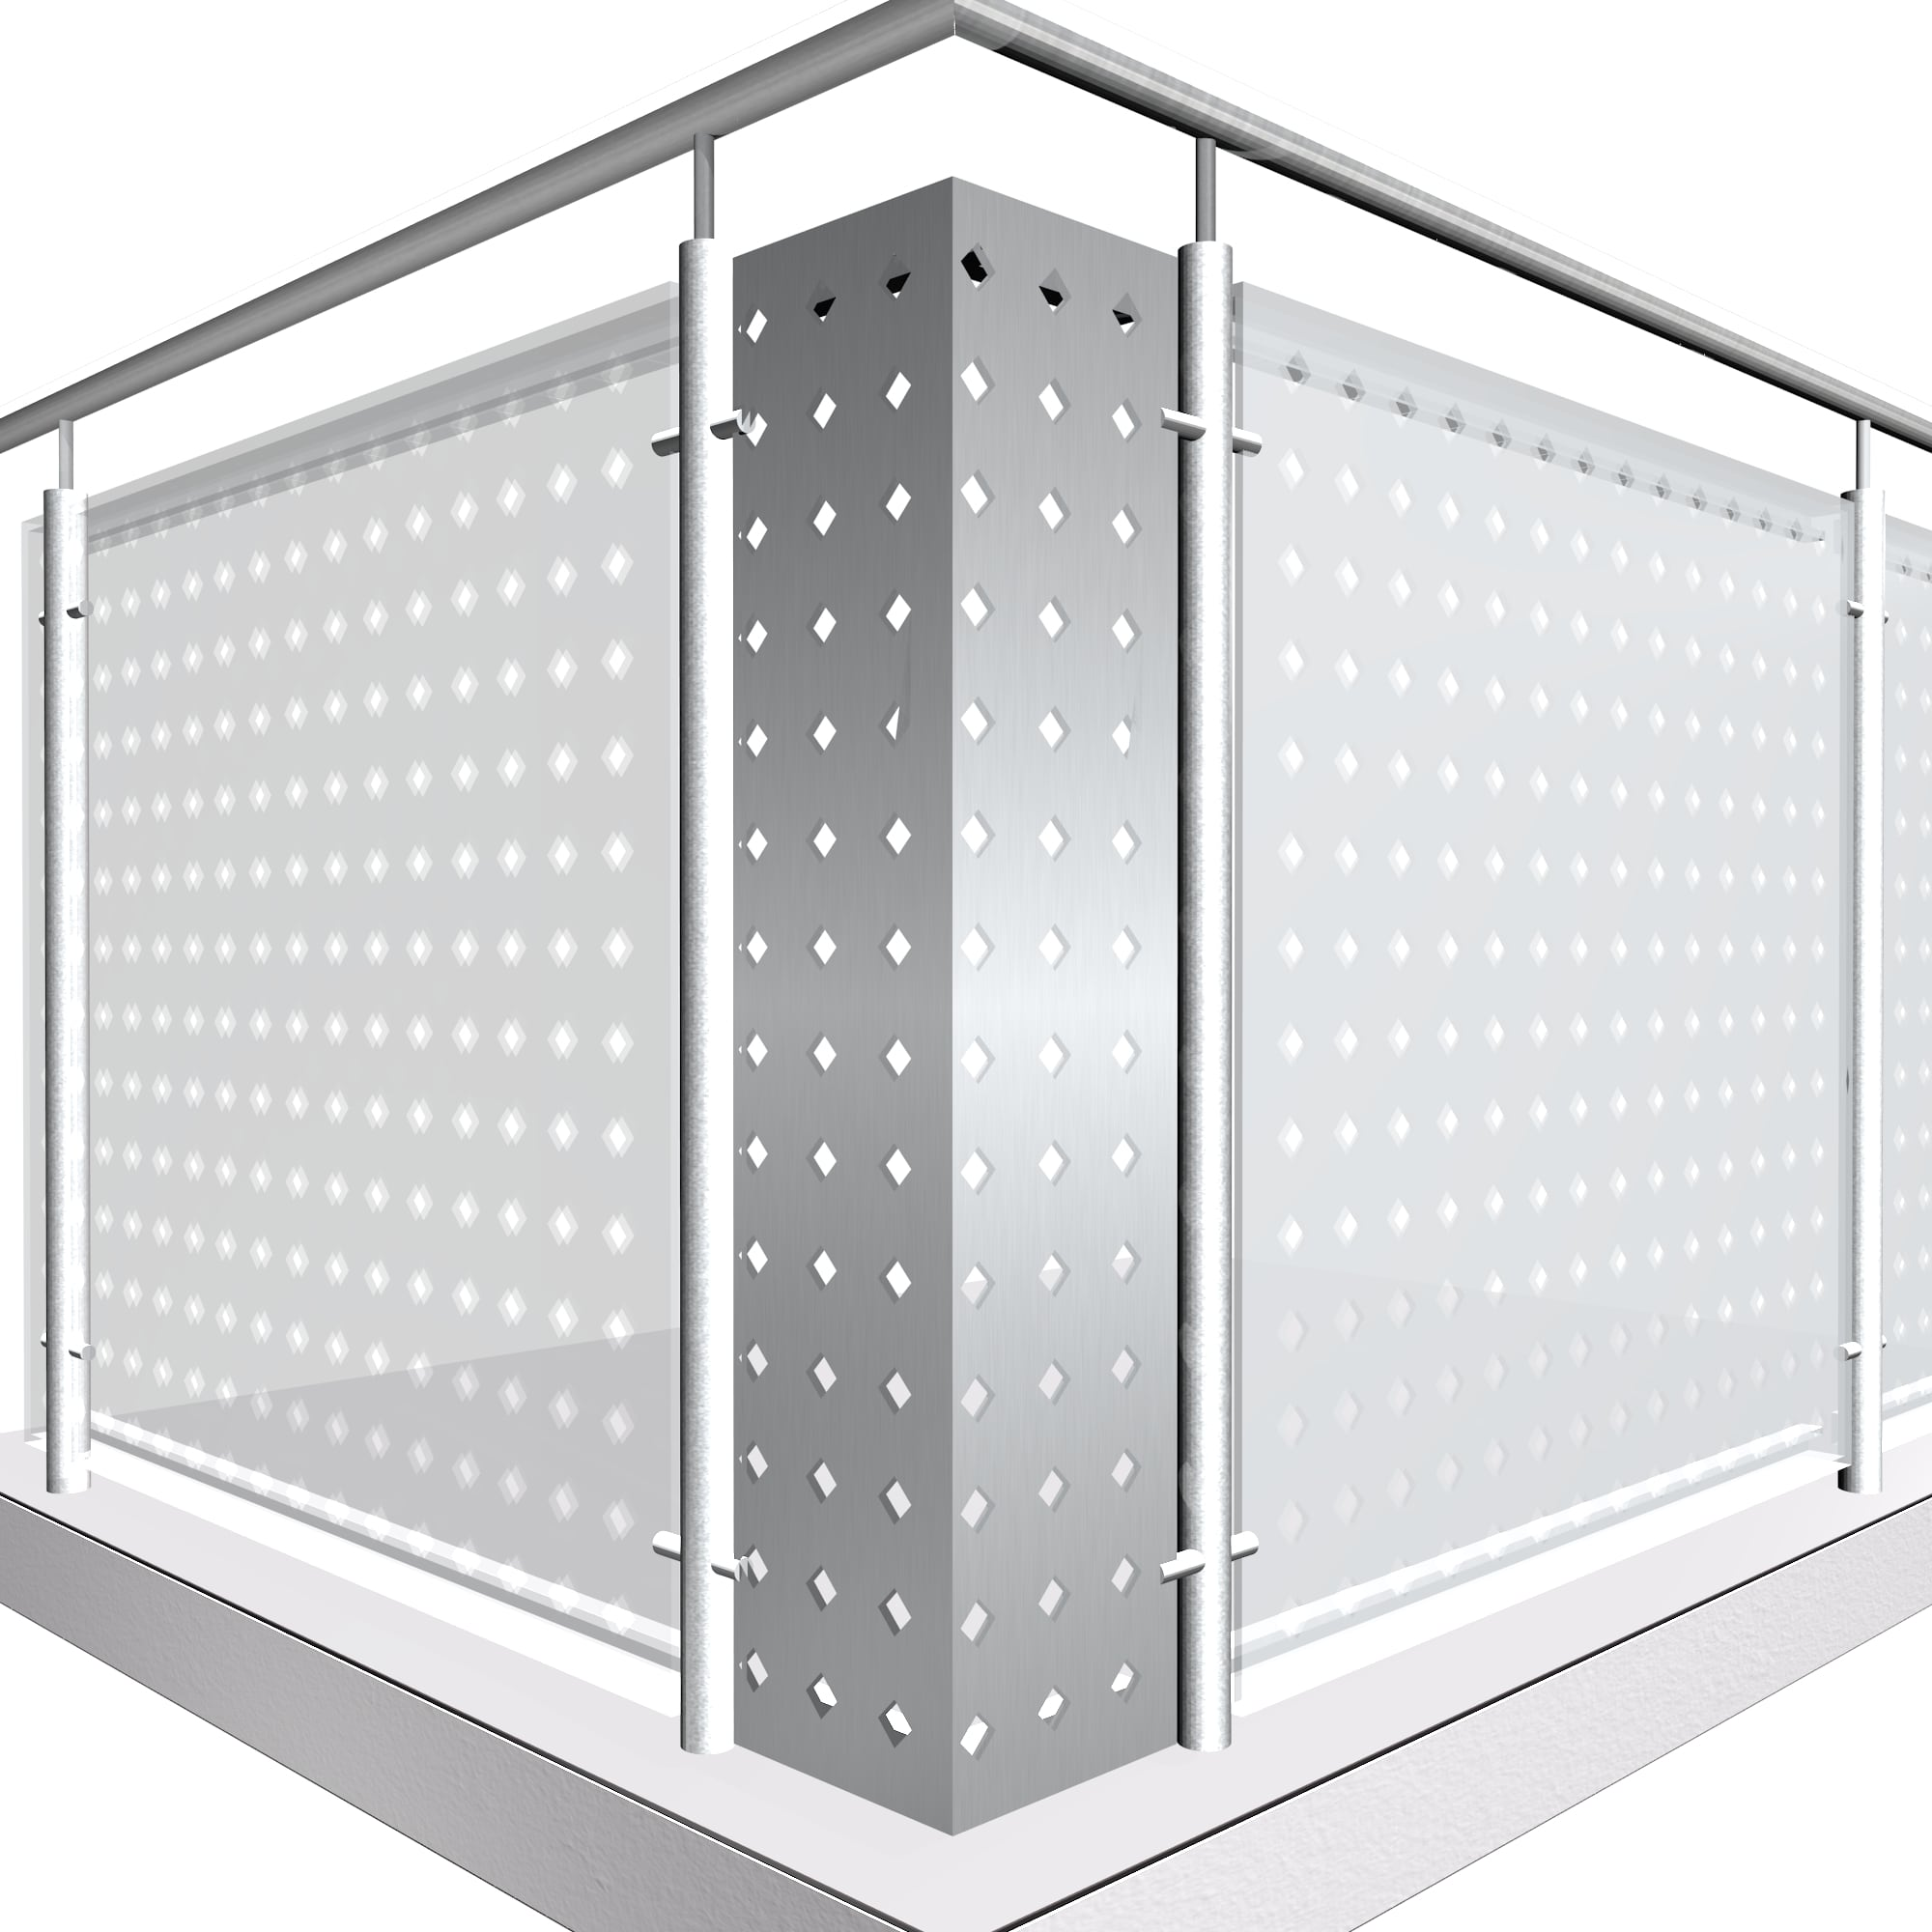 Eckelement Aluminium QL DI GE